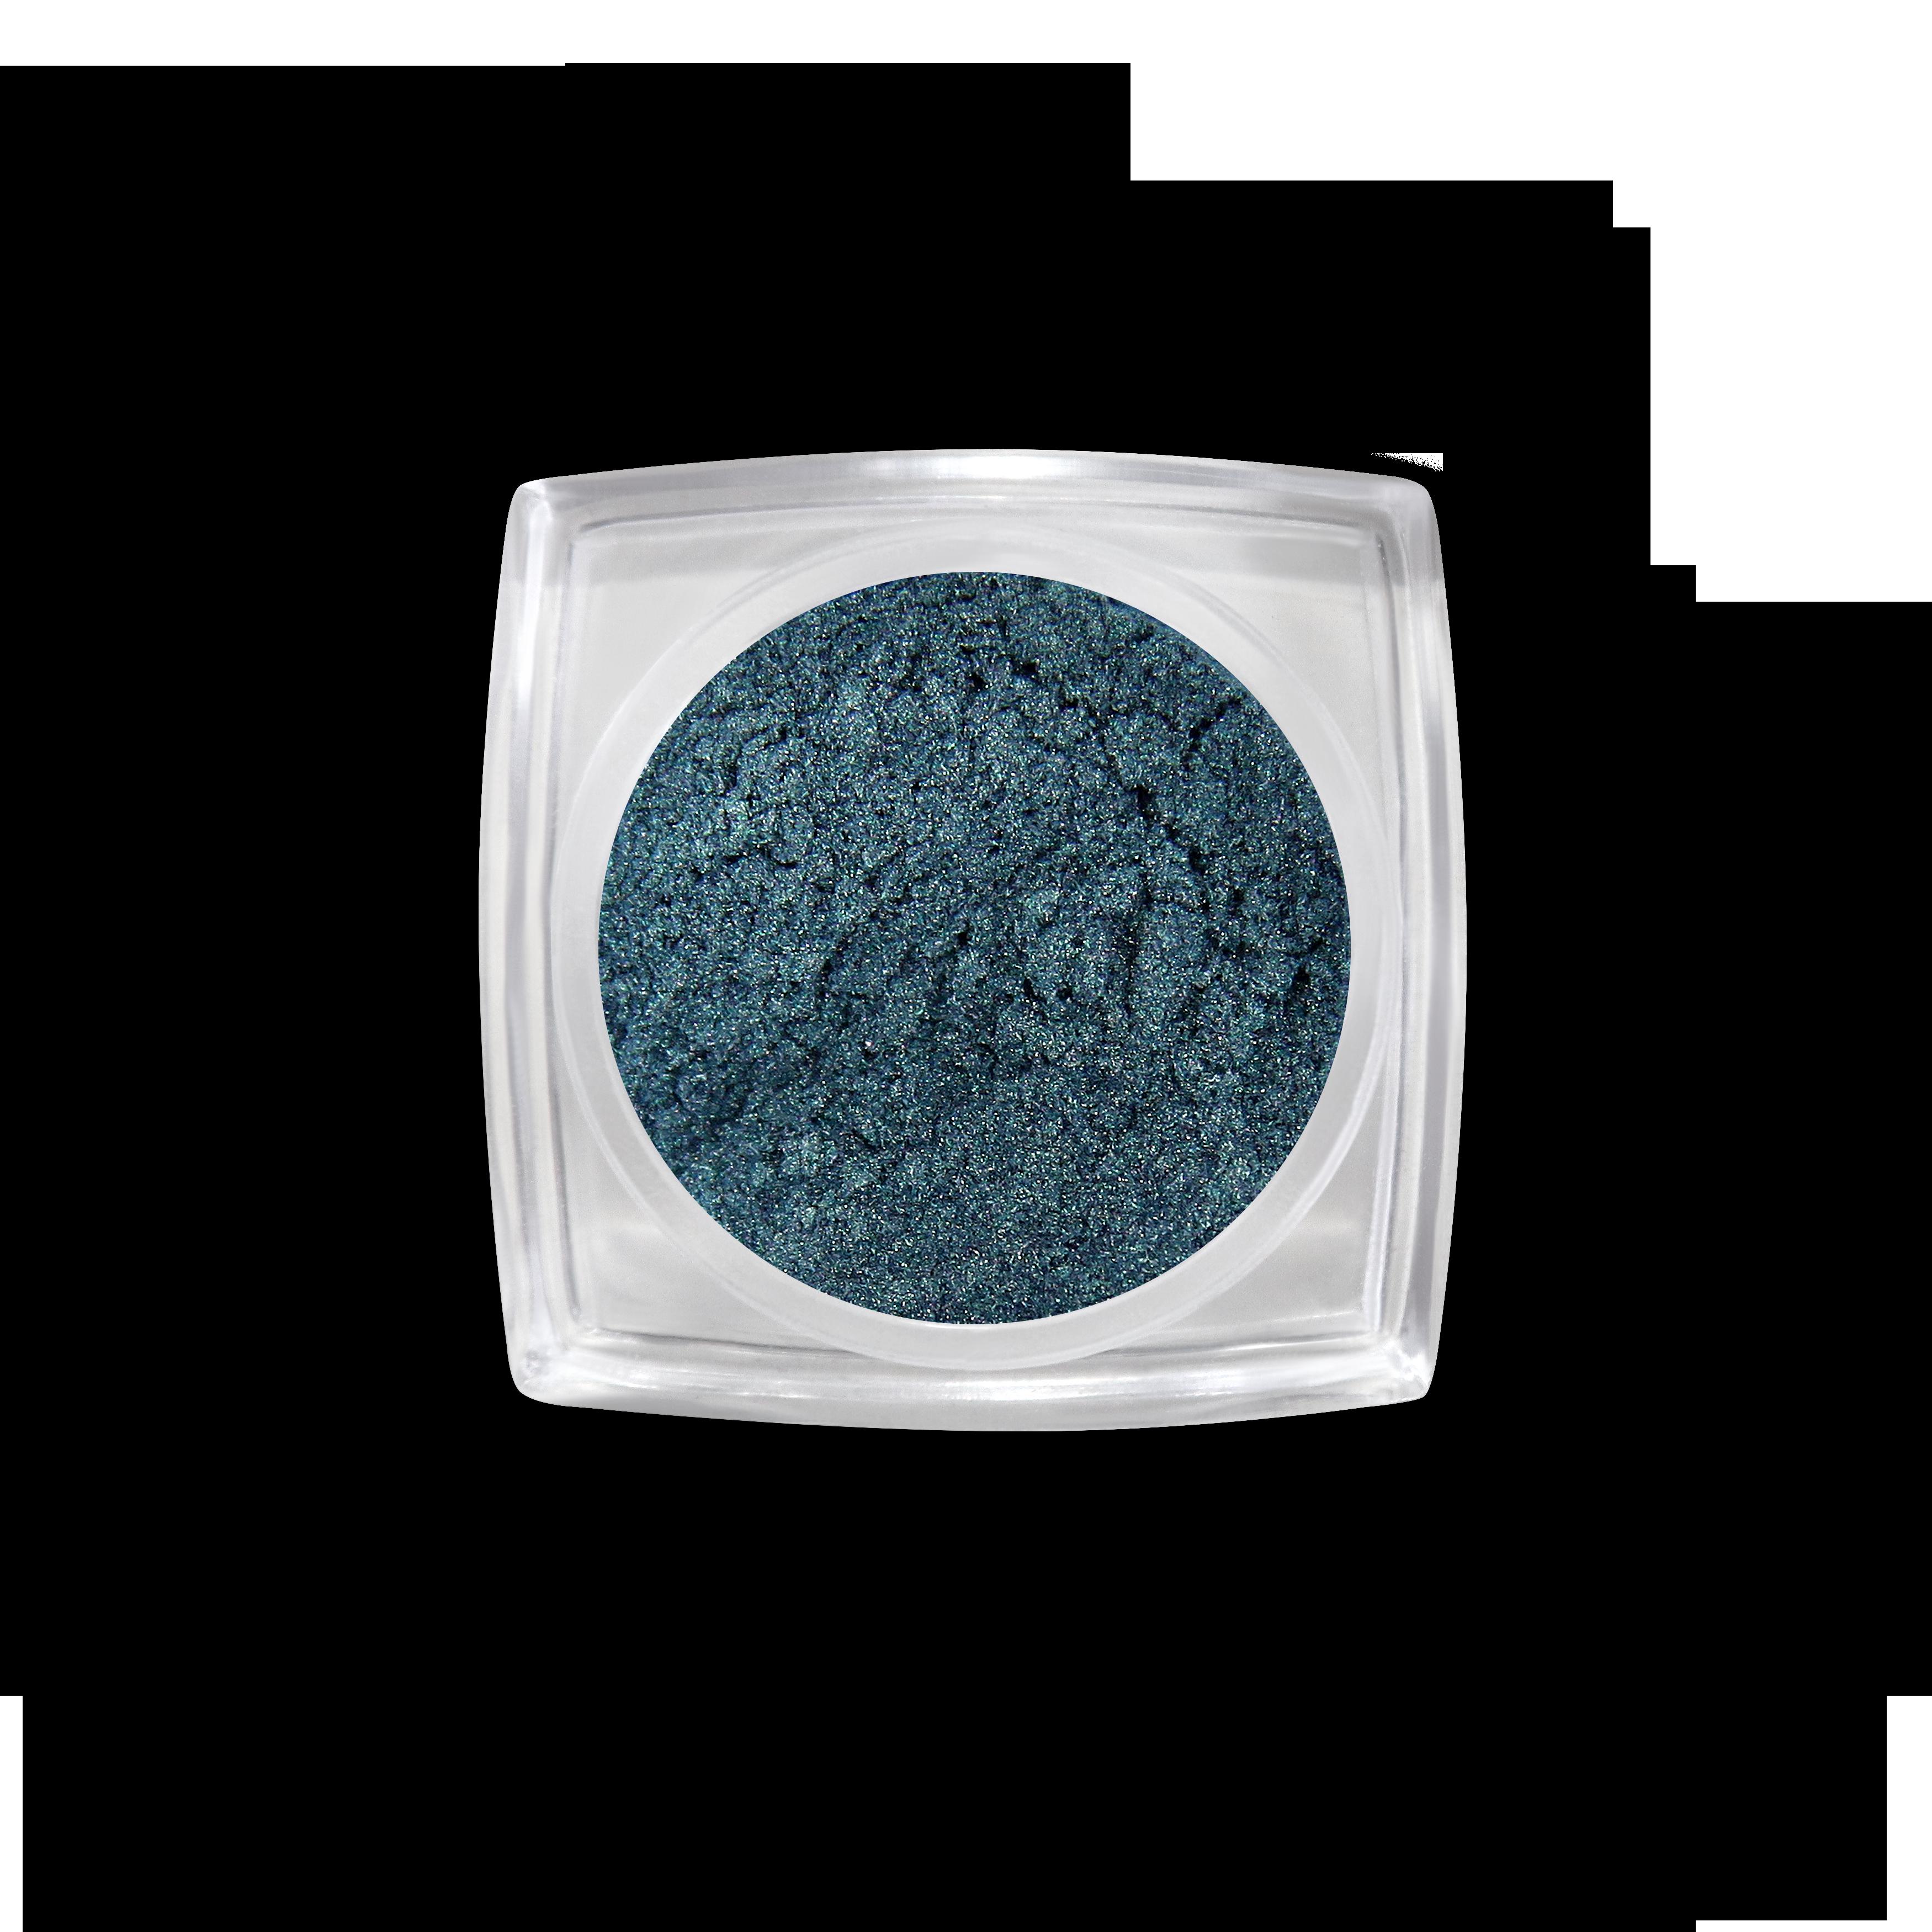 Pigment powder No. 50